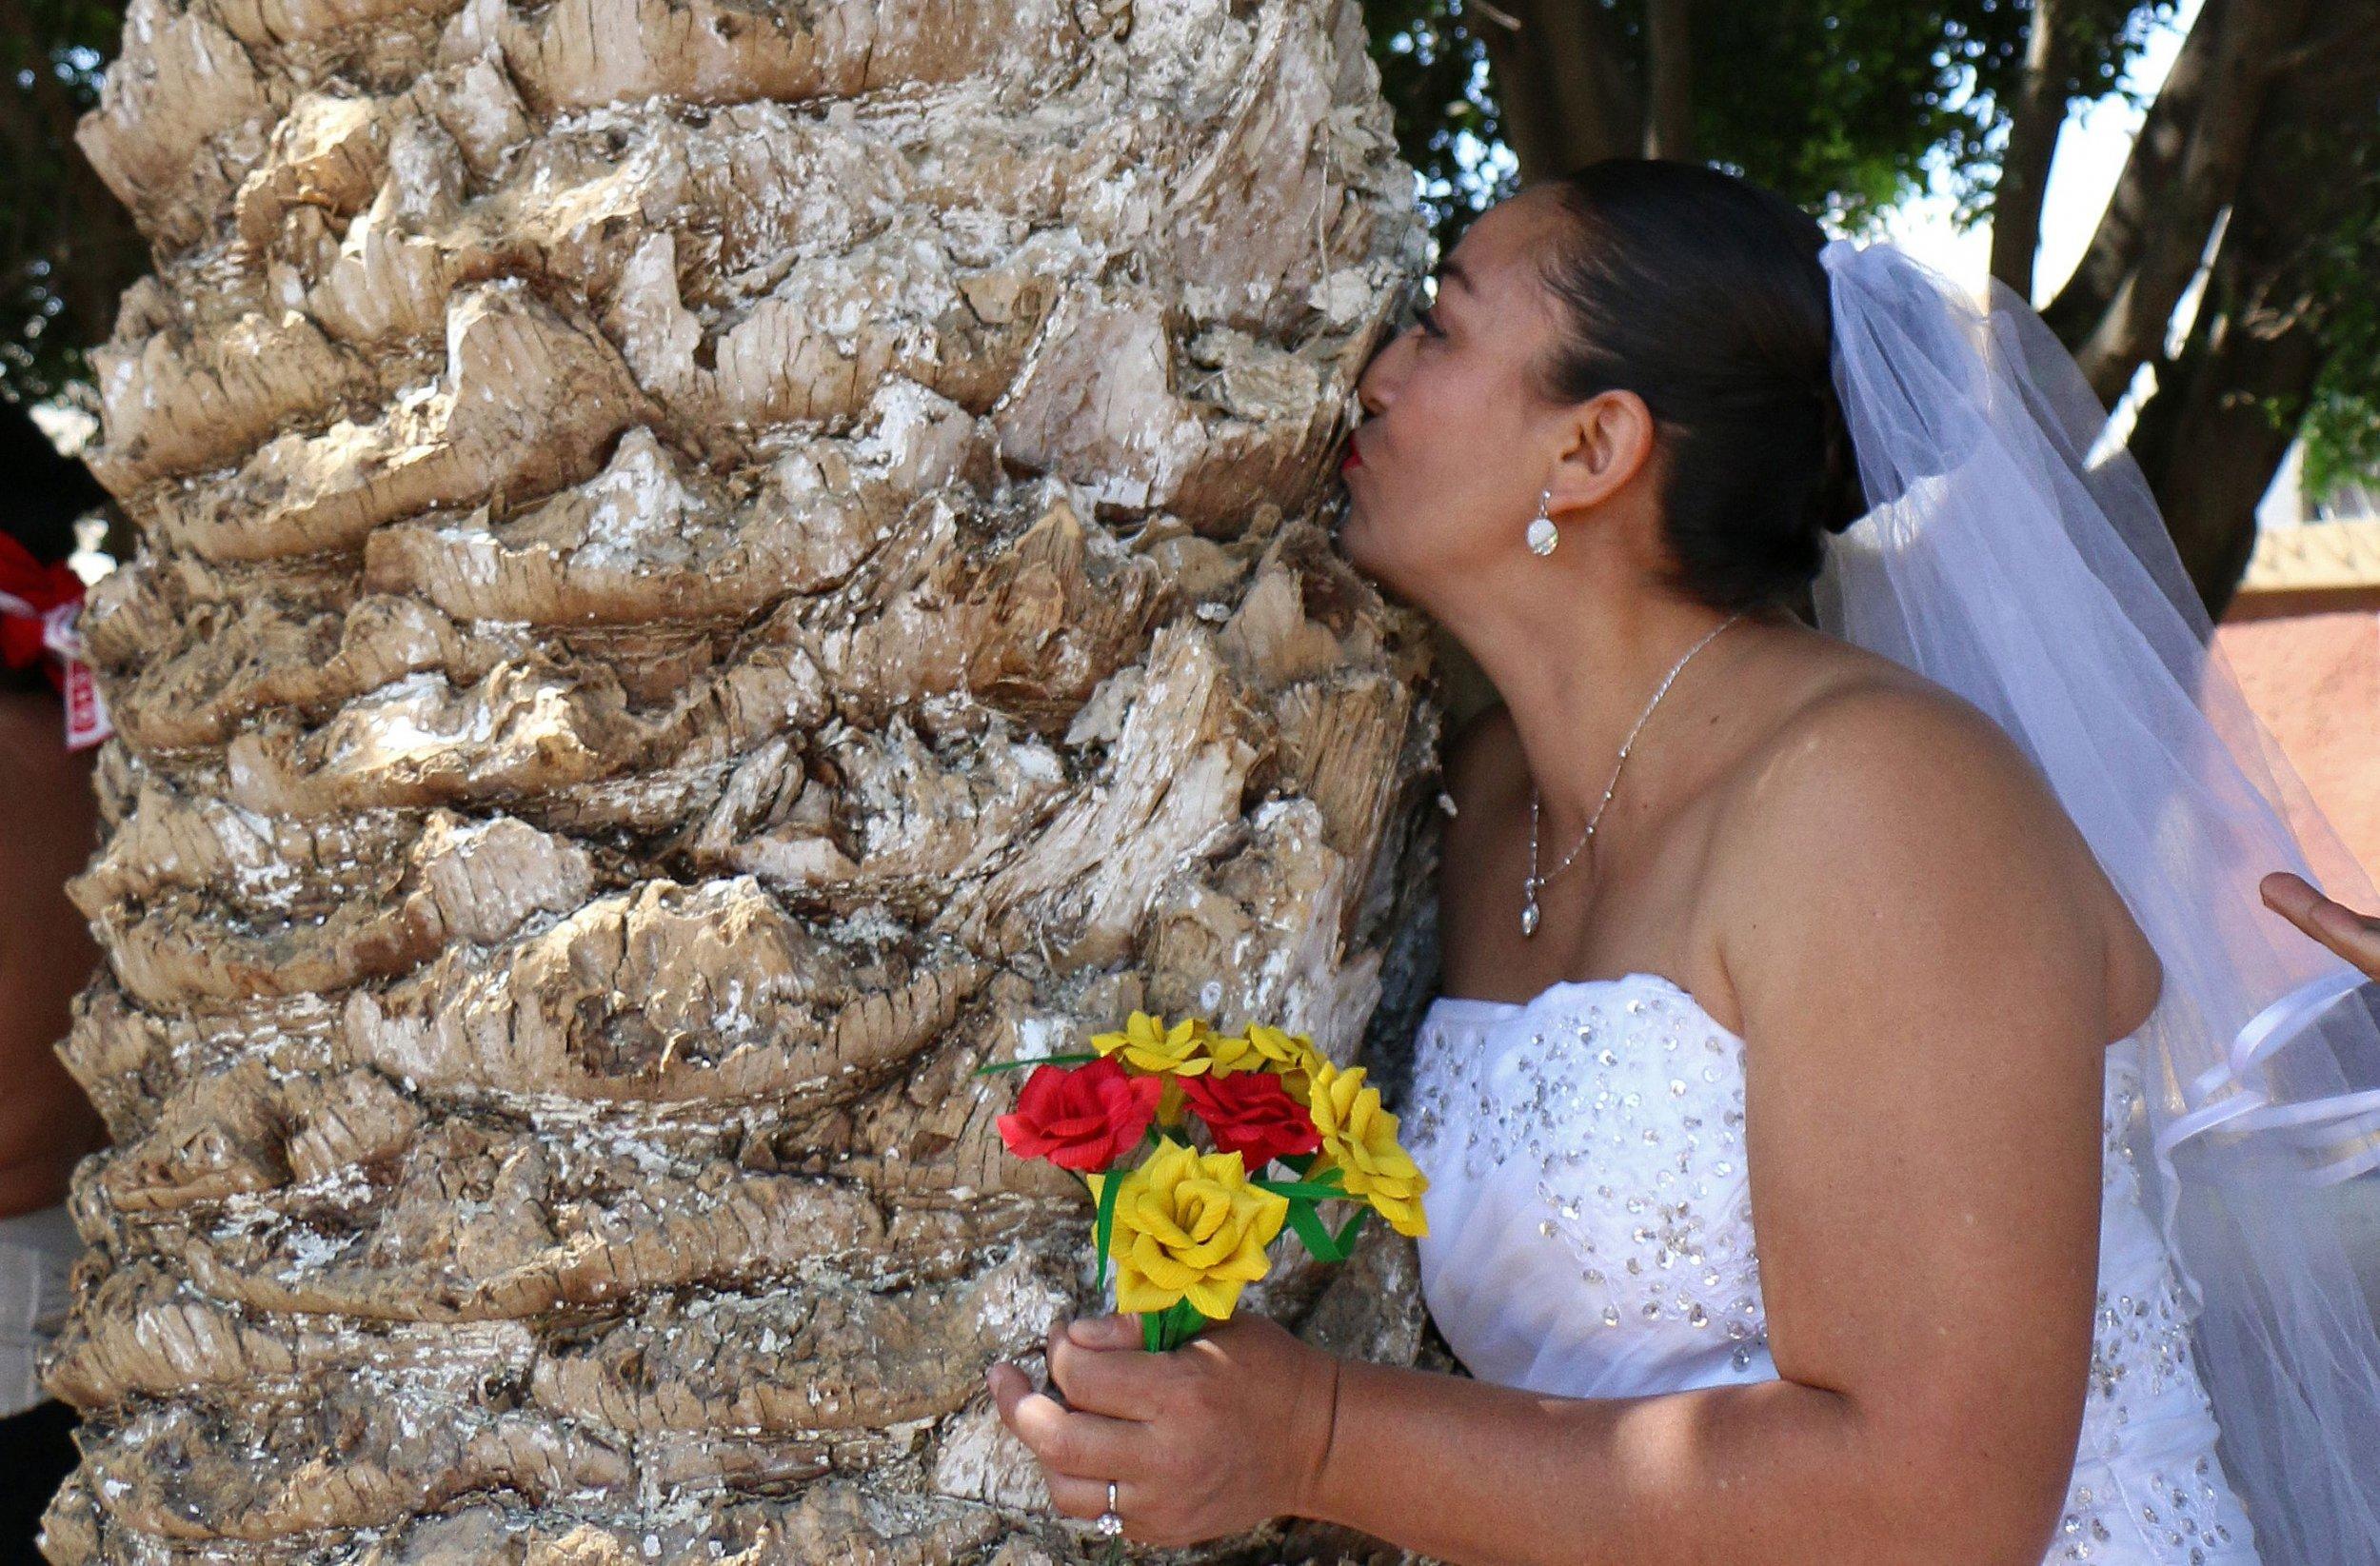 woman marries tree